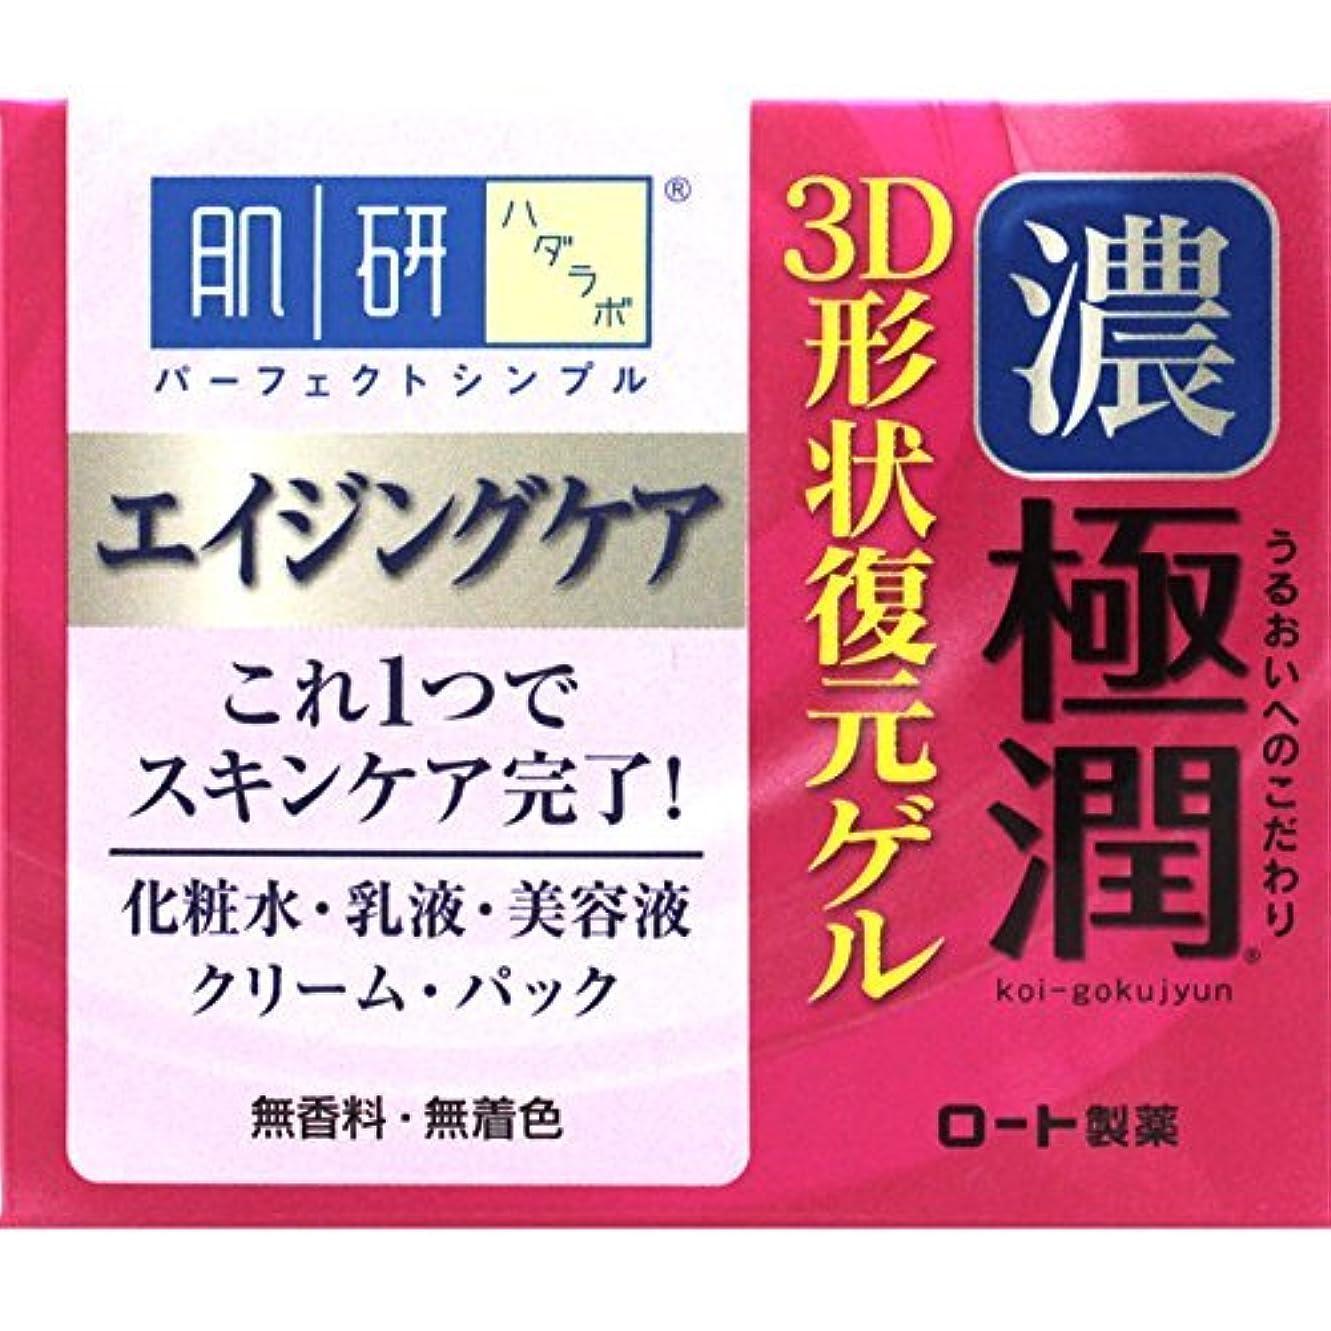 摂氏摂氏隠す肌研 極潤 3D形状復元ゲル 100g